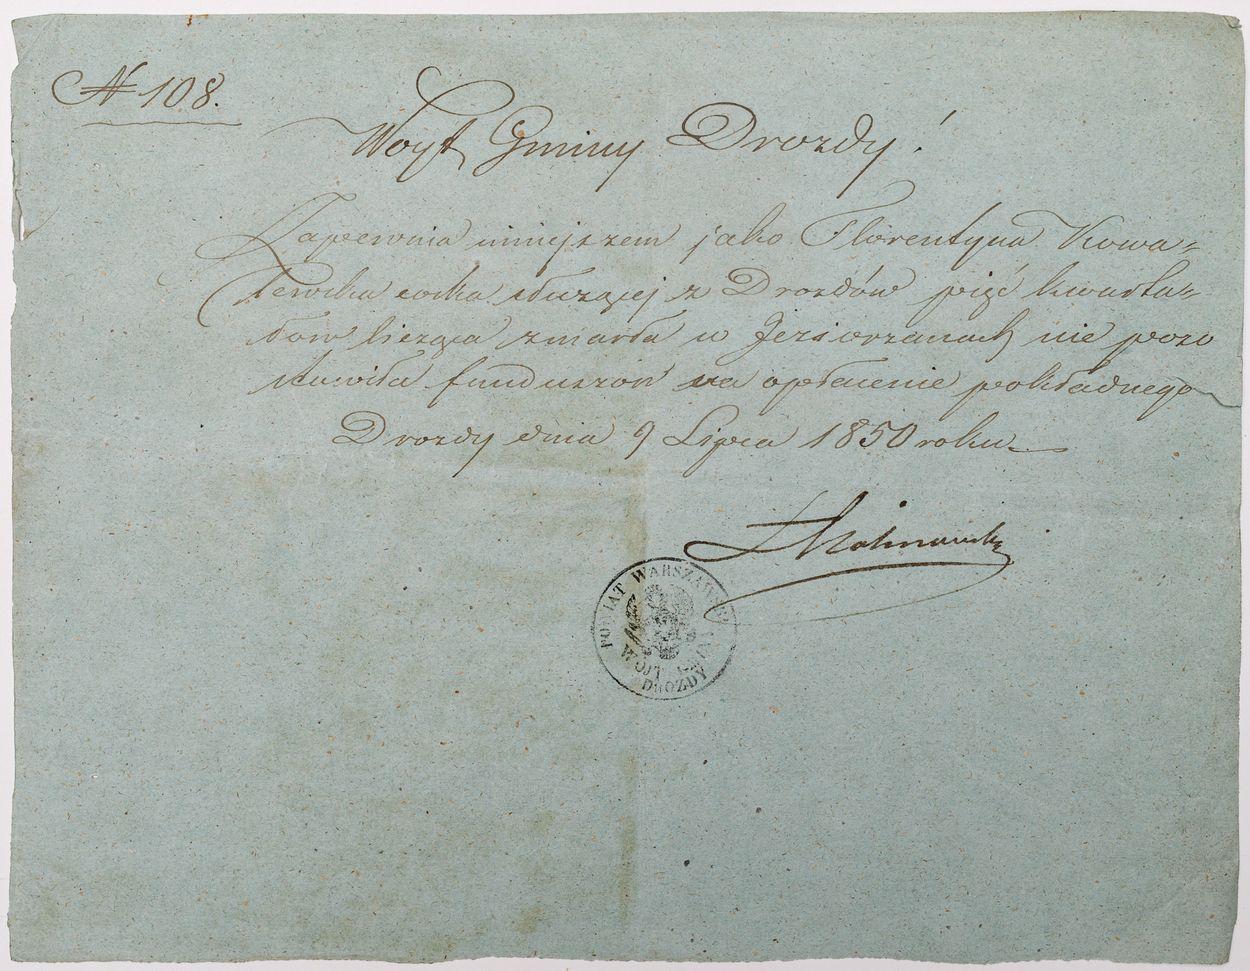 LIST WÓJTA GMINY DROZDY, 1.07.1850